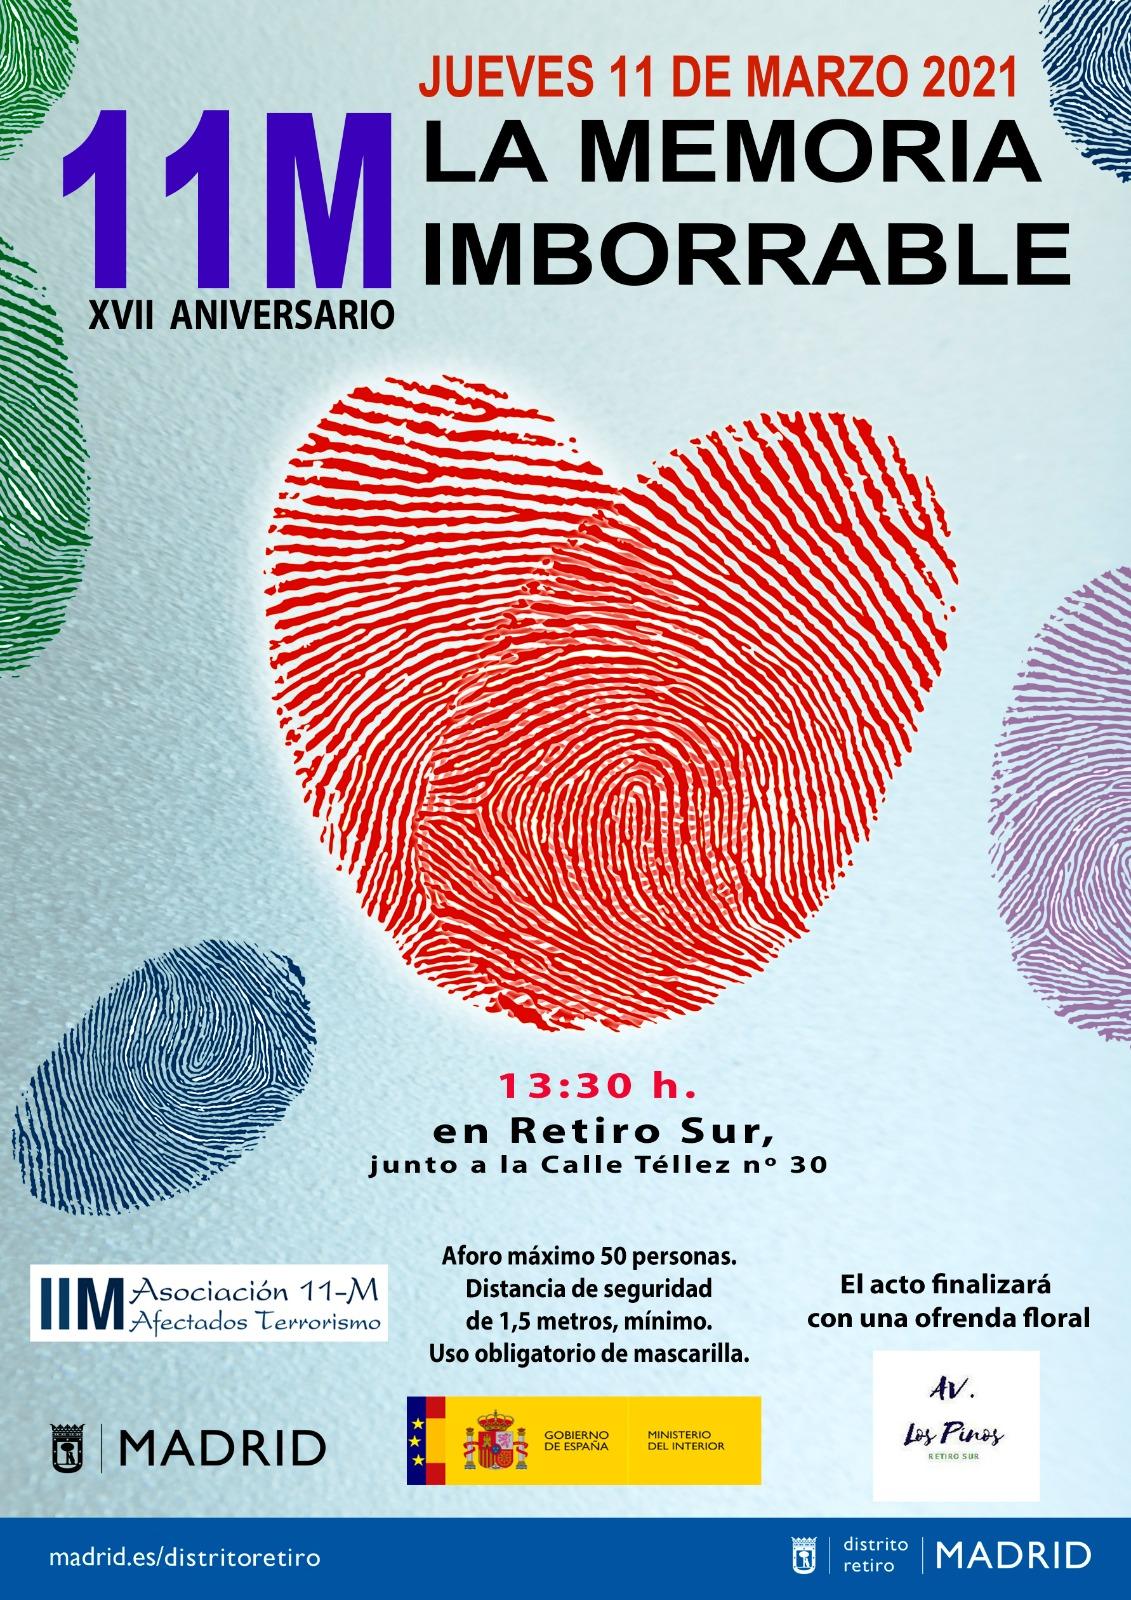 11M La Memoria Imborrable, C/ Téllez